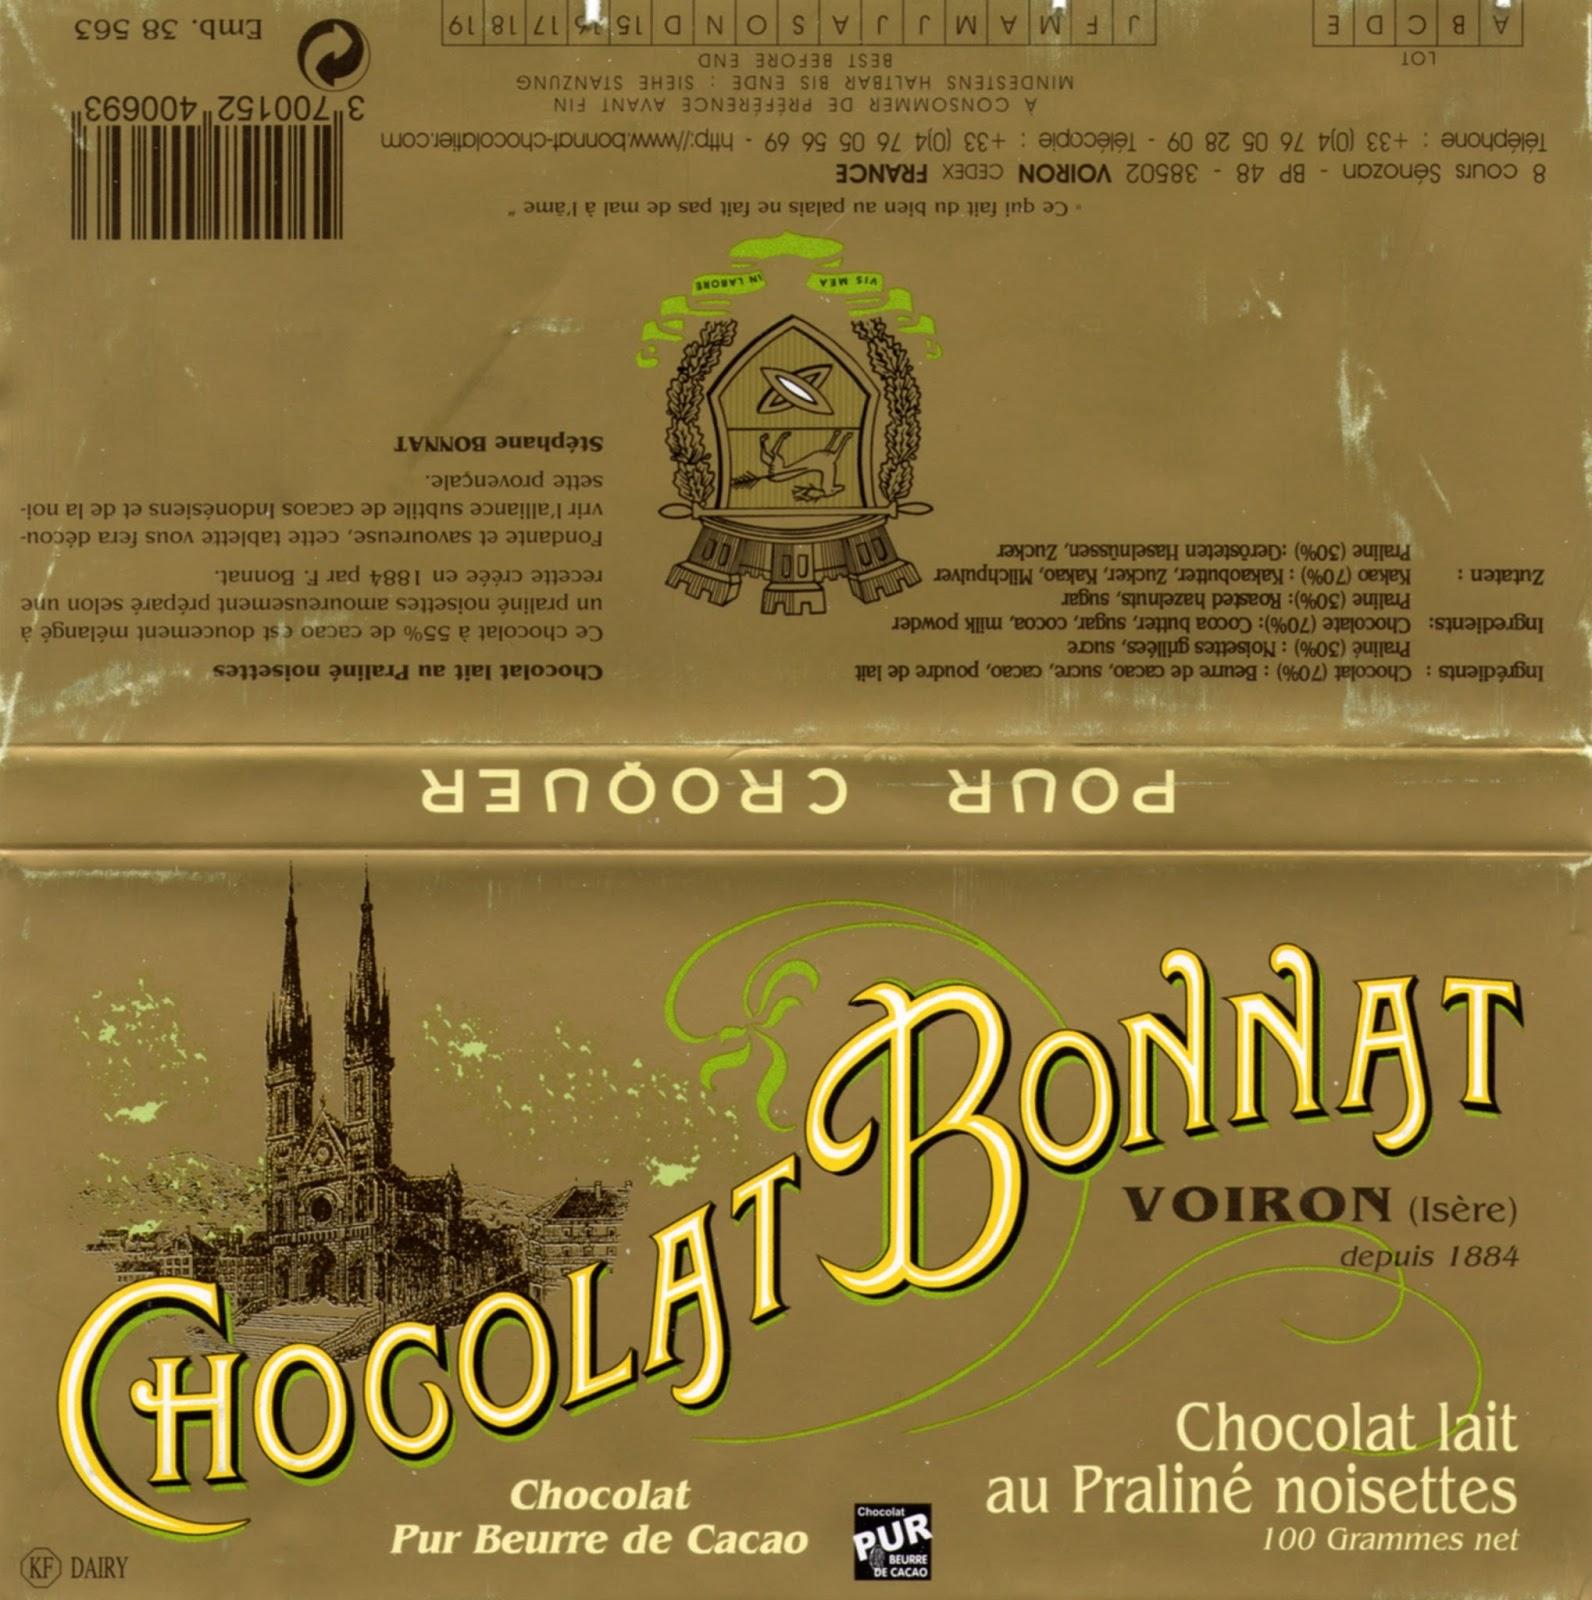 tablette de chocolat lait gourmand bonnat lait au praliné noisettes